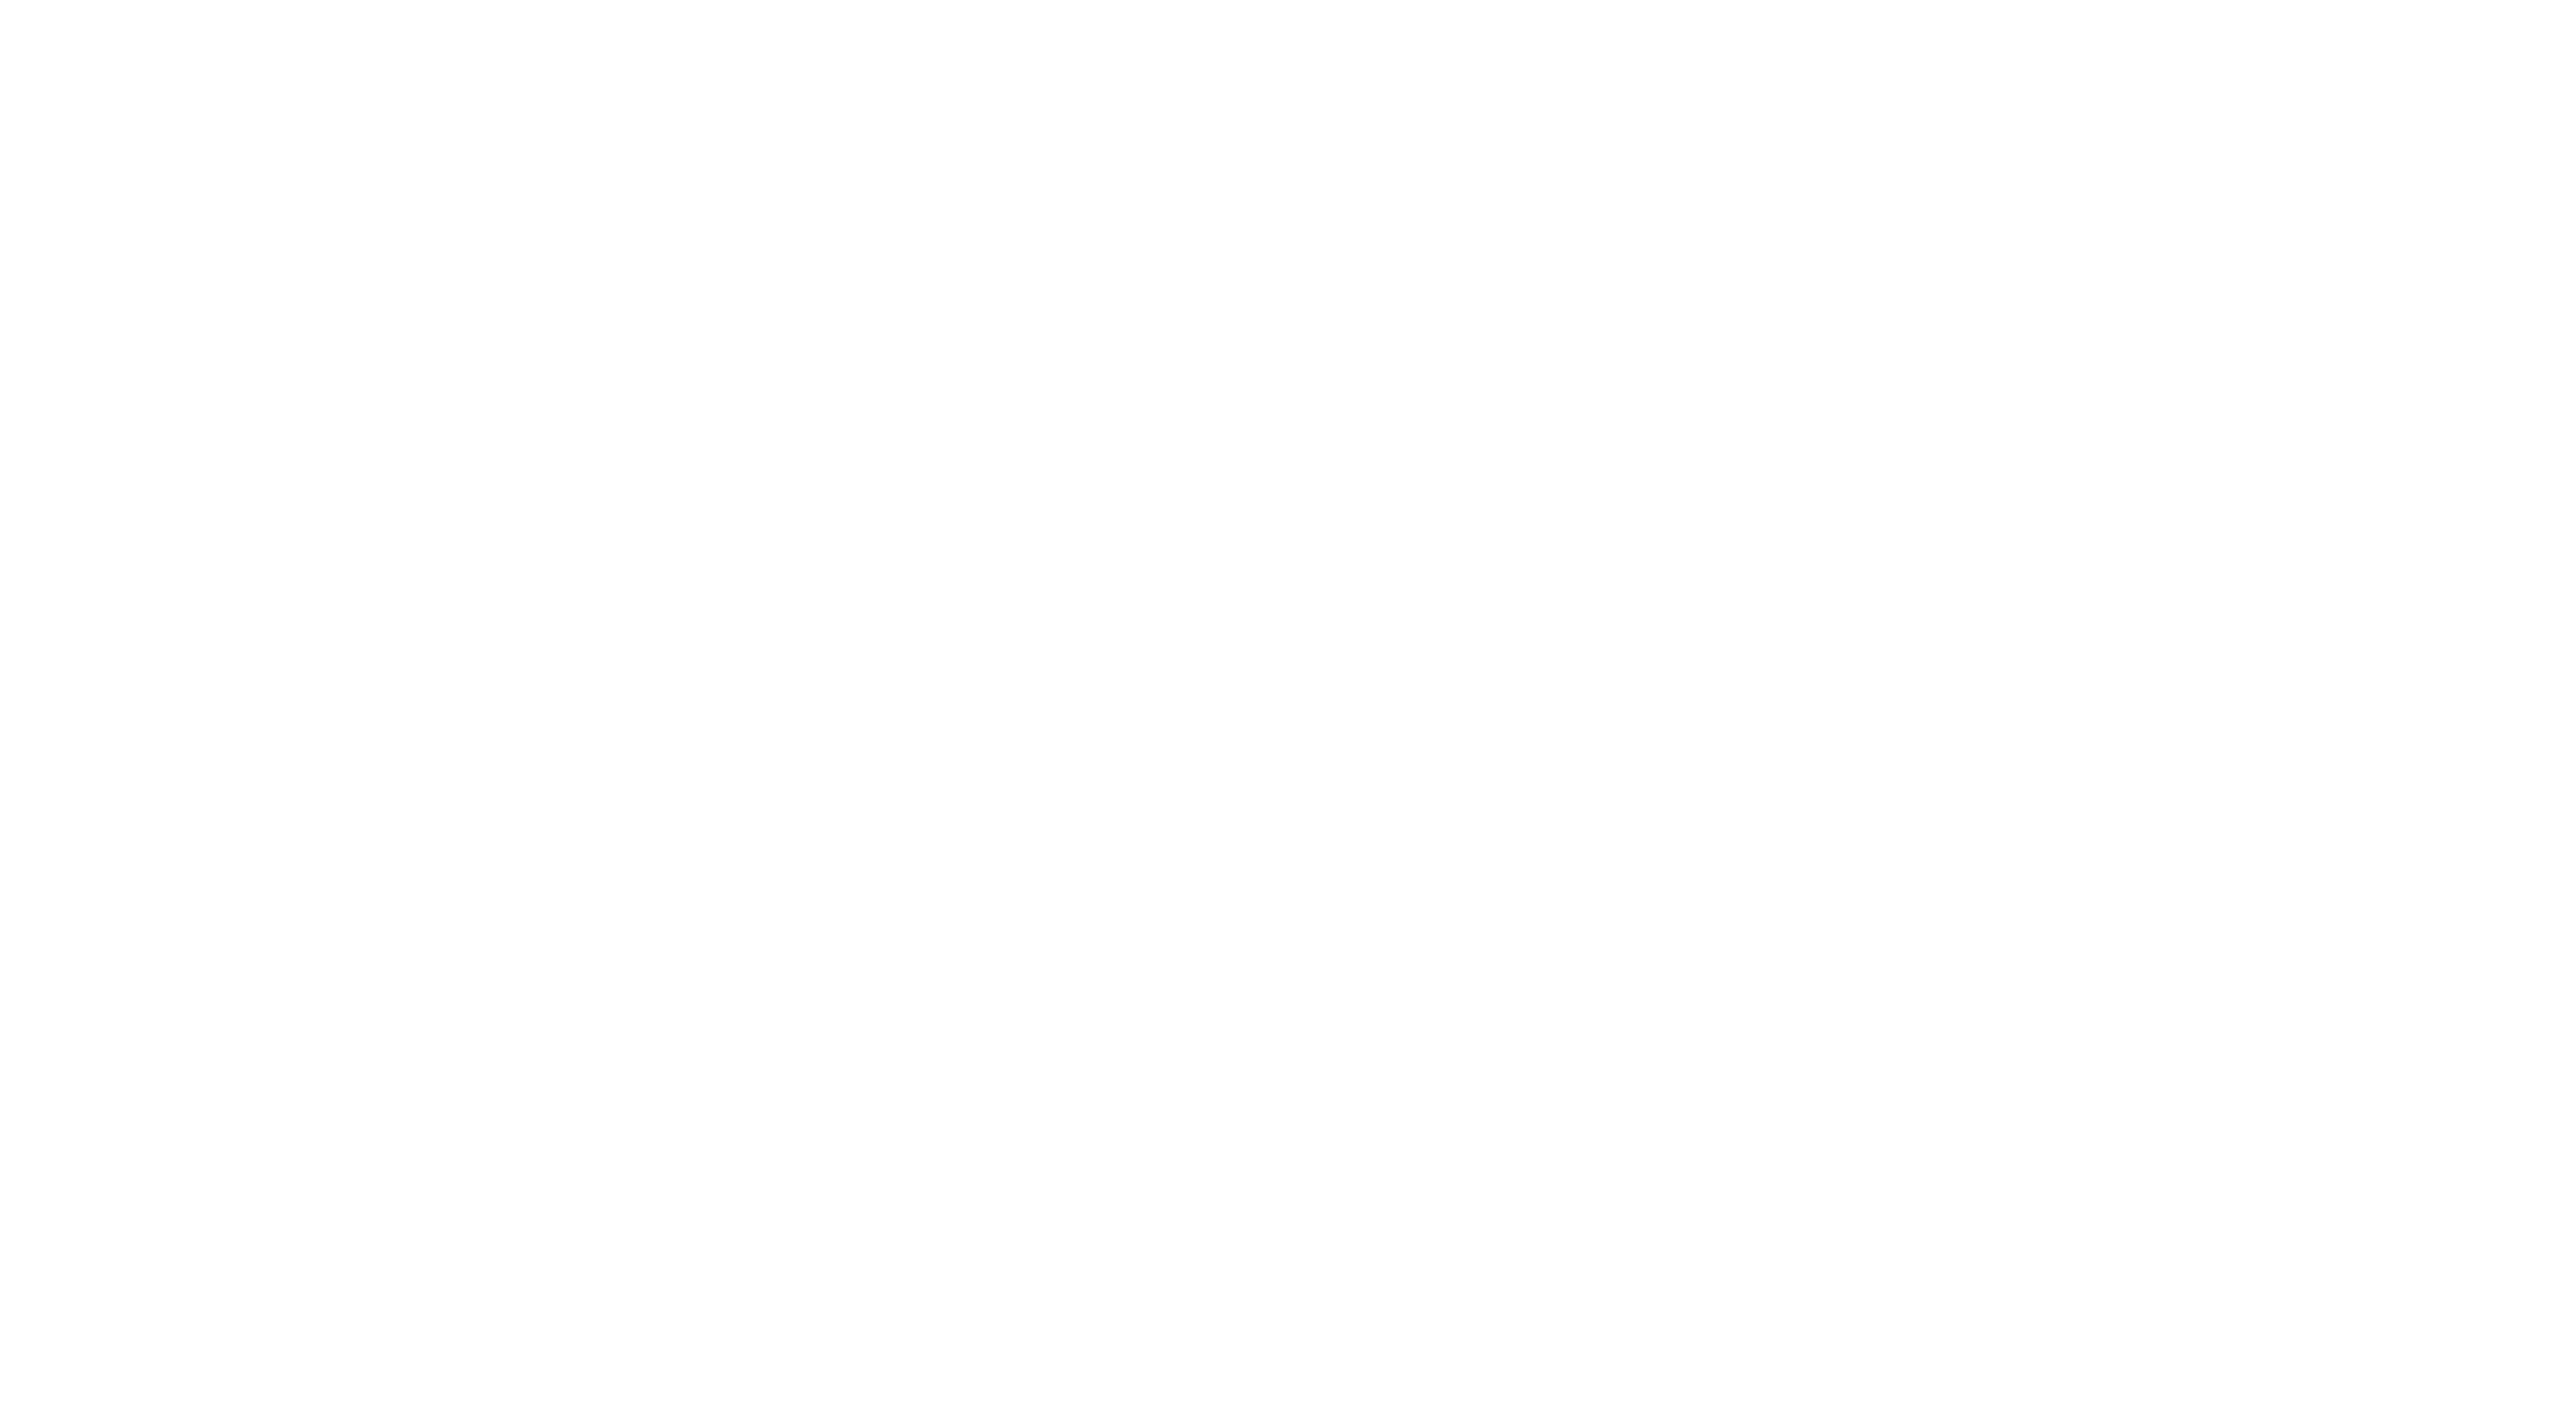 Dwain Reid